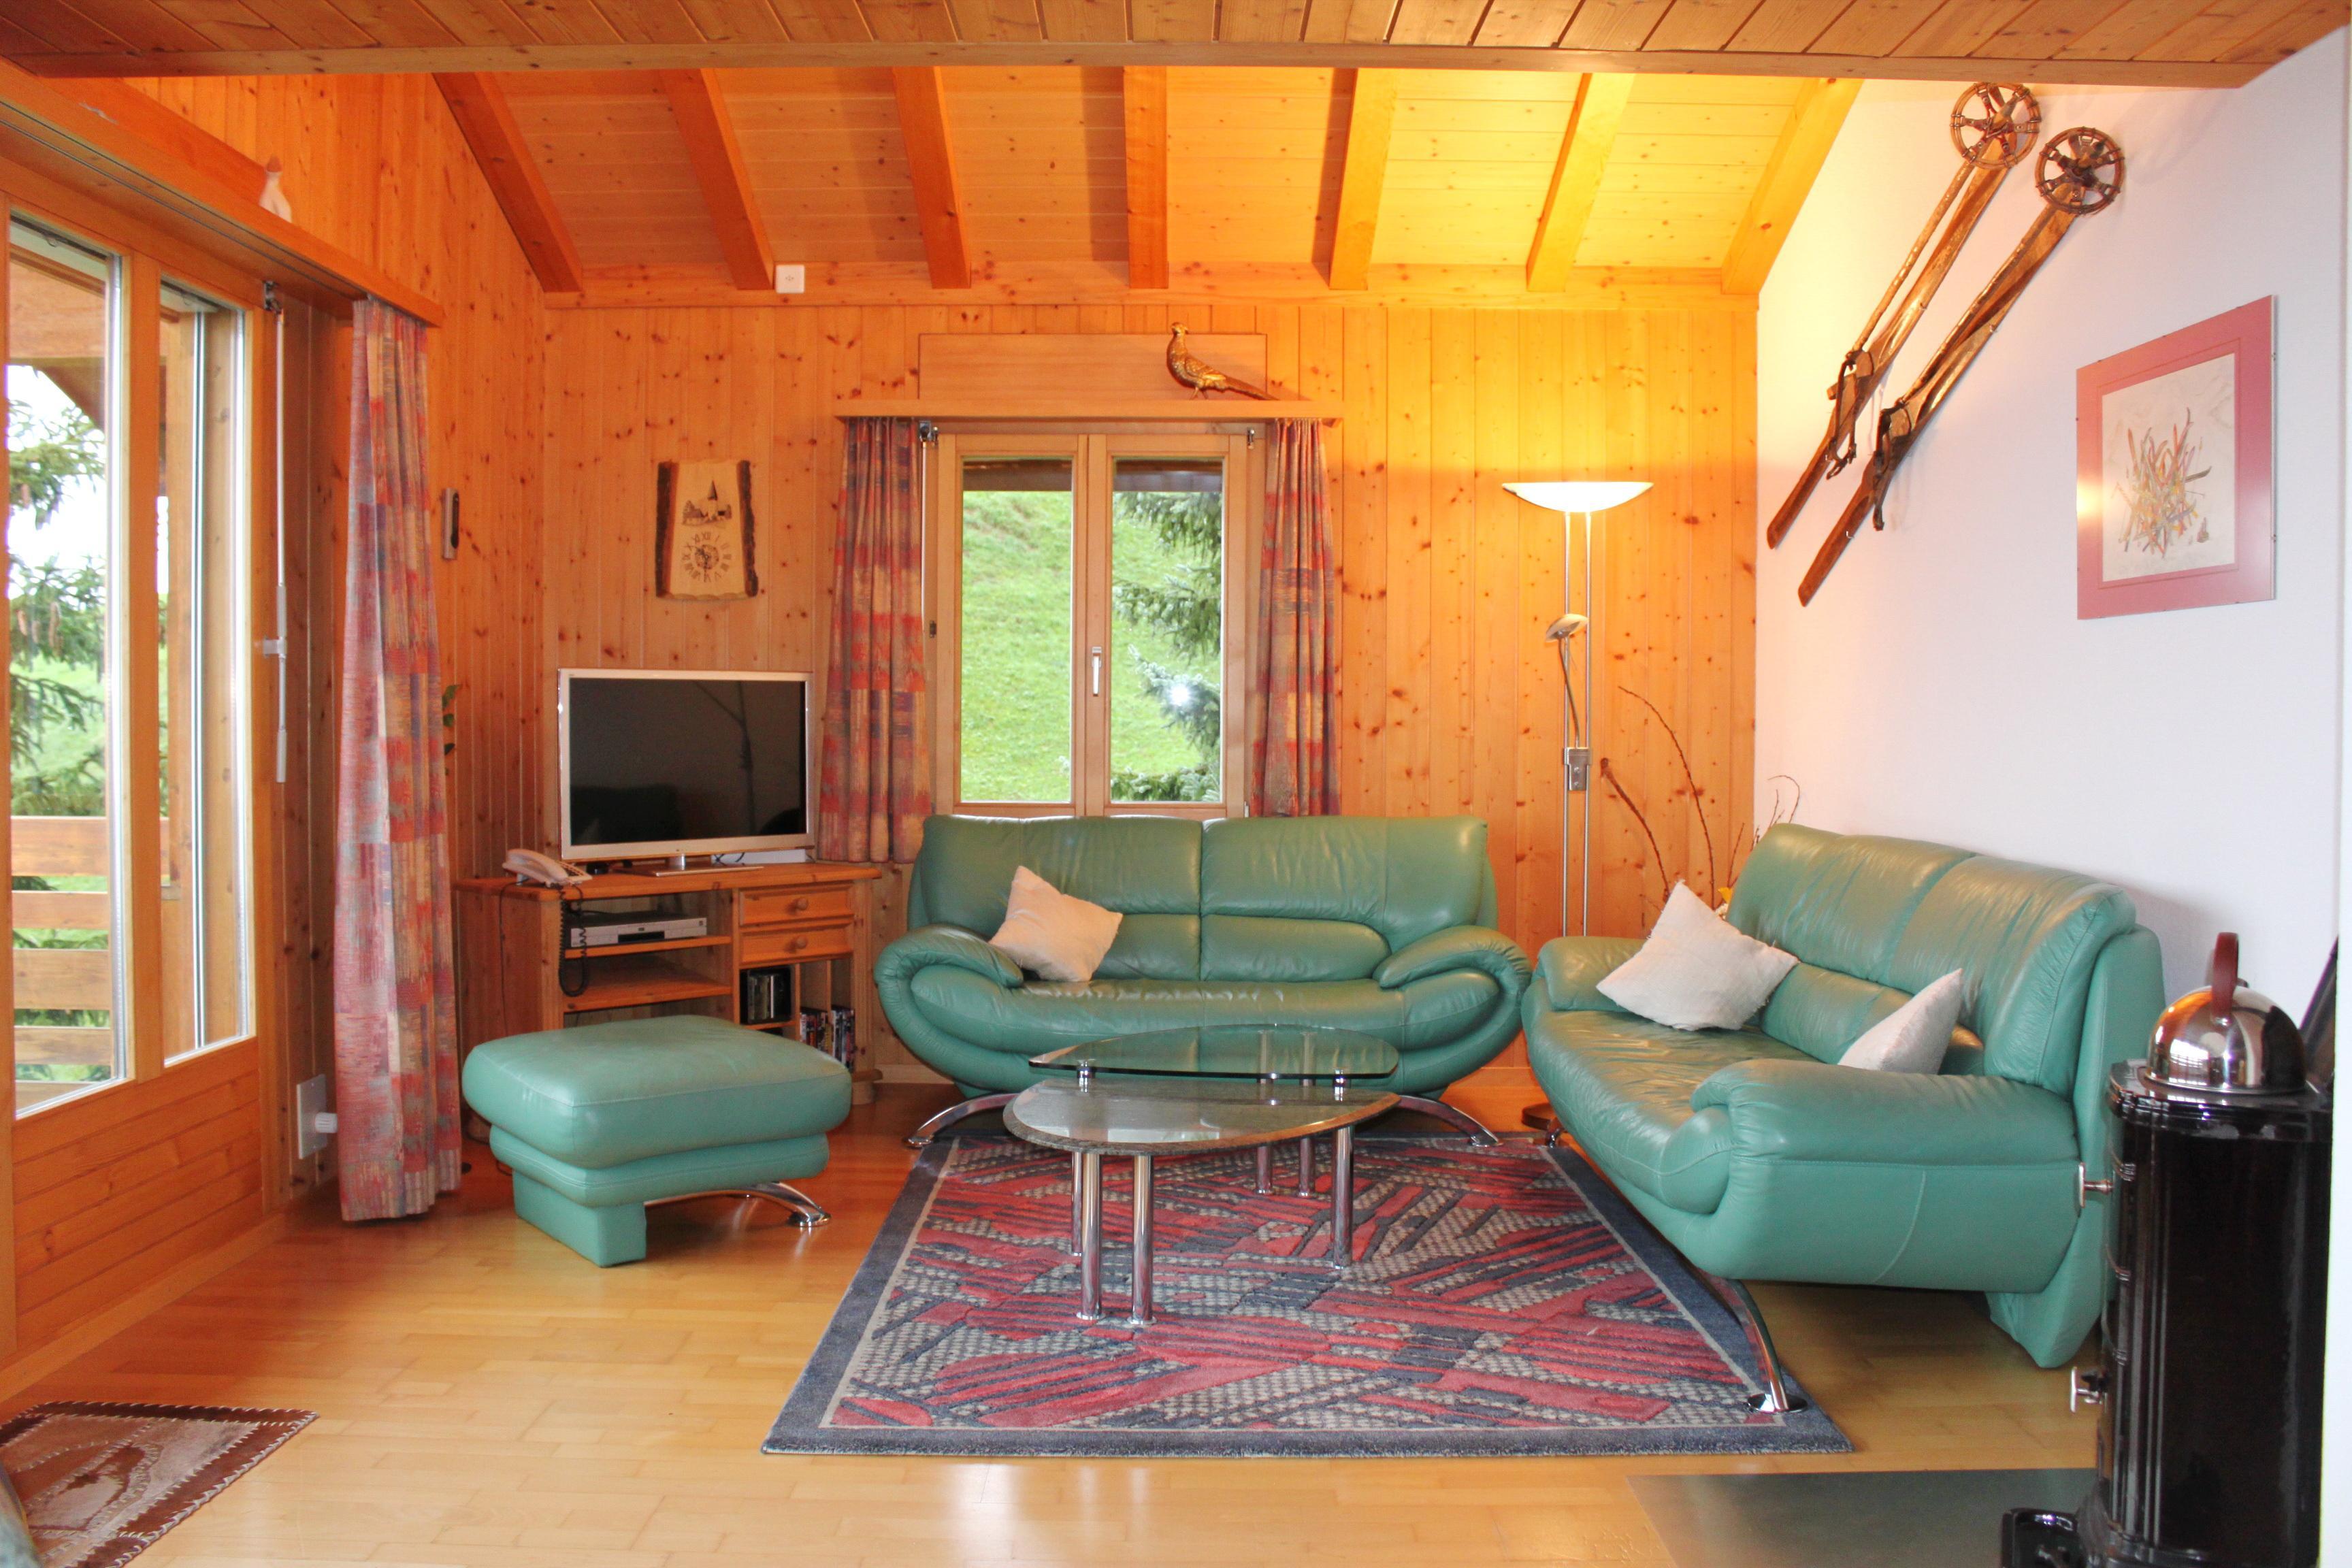 Ferienwohnung Chalet Hasliblick 3081 4-Bettwohnung (2489561), Hasliberg Wasserwendi, Meiringen - Hasliberg, Berner Oberland, Schweiz, Bild 11